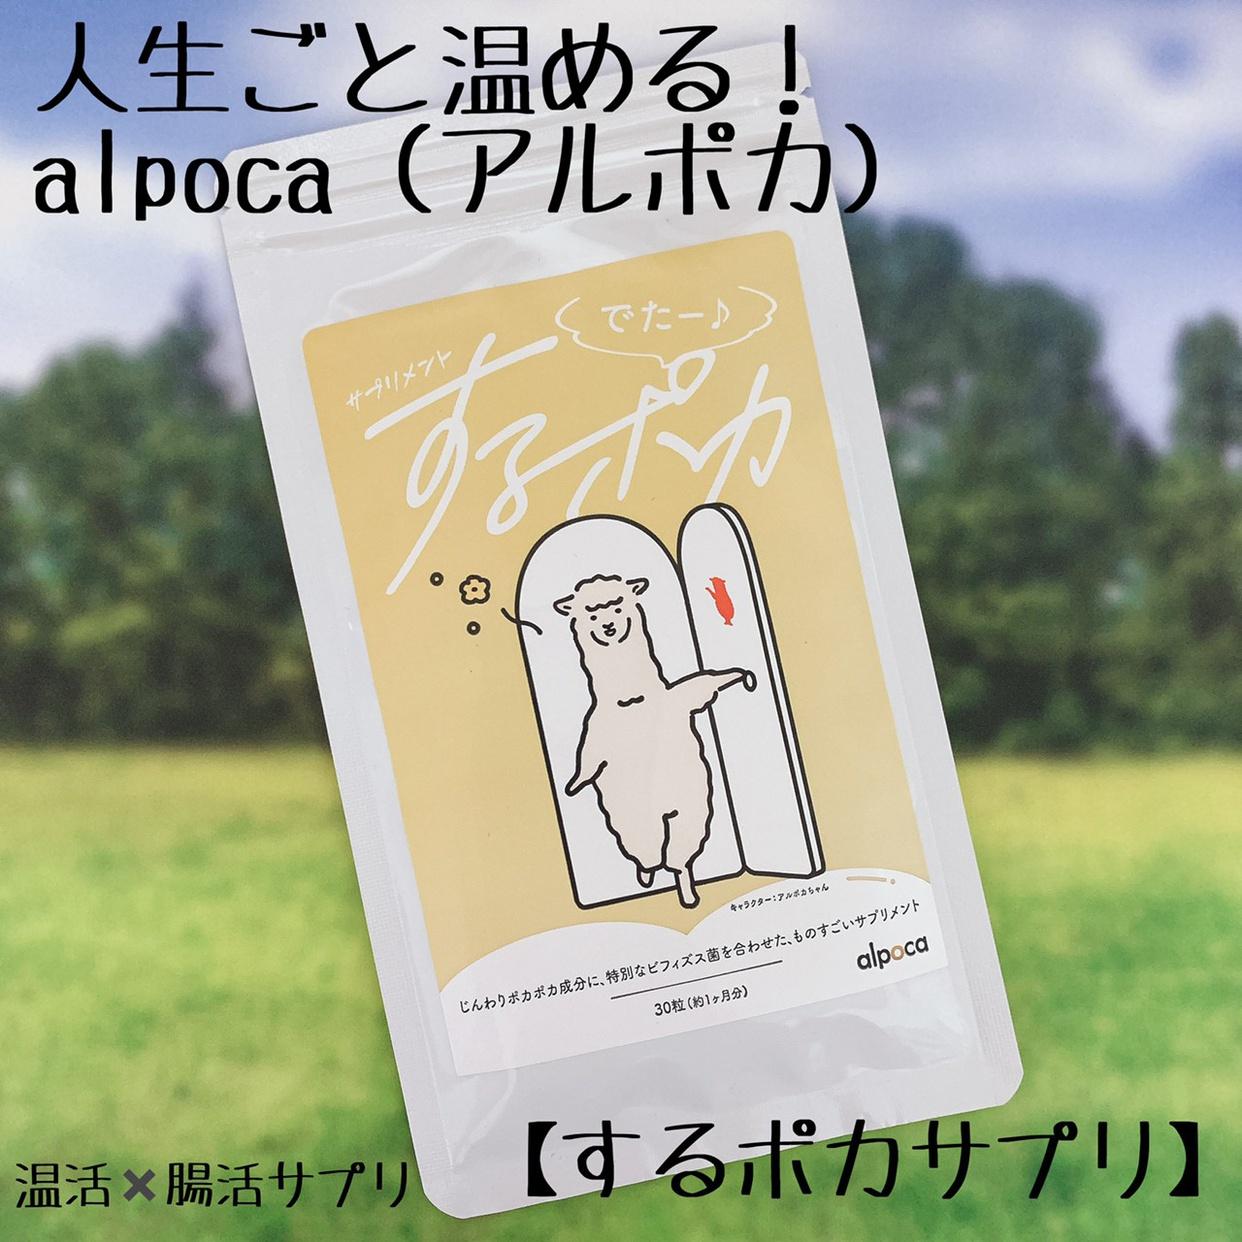 alpoca(アルポカ) するポカサプリを使ったkana_cafe_timeさんのクチコミ画像1